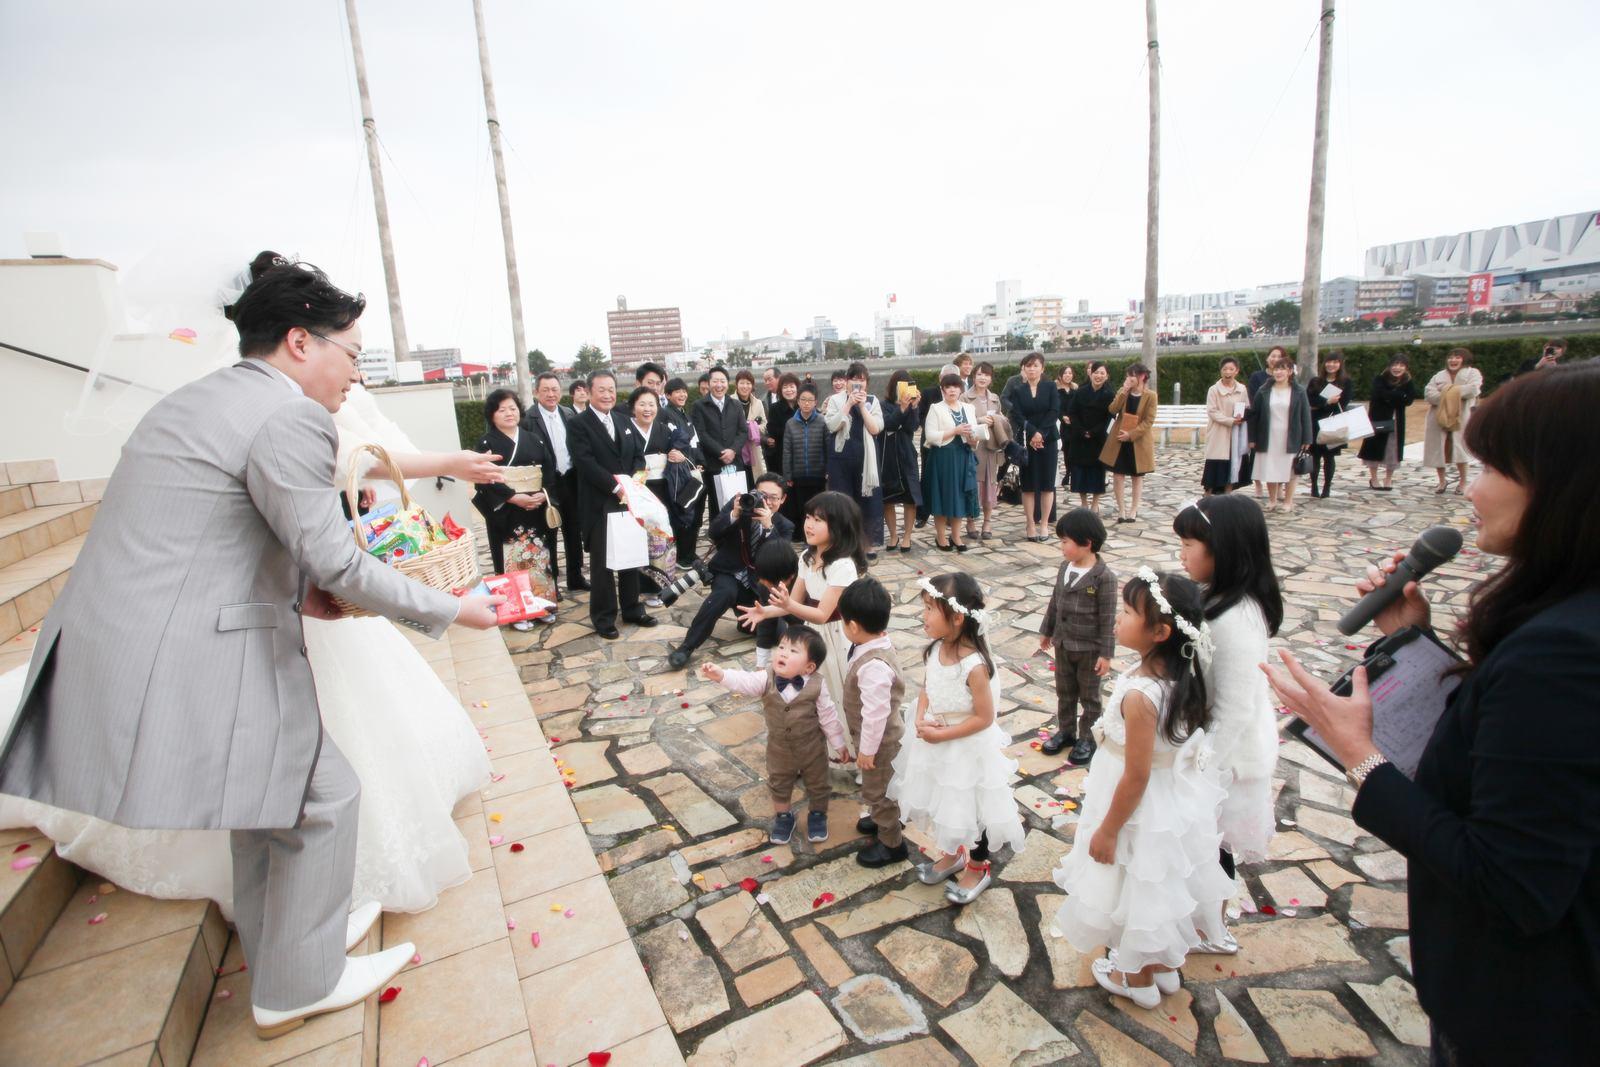 徳島市の結婚式場ブランアンジュで新郎新婦委からプレゼントを受け取るゲストの子どもたち